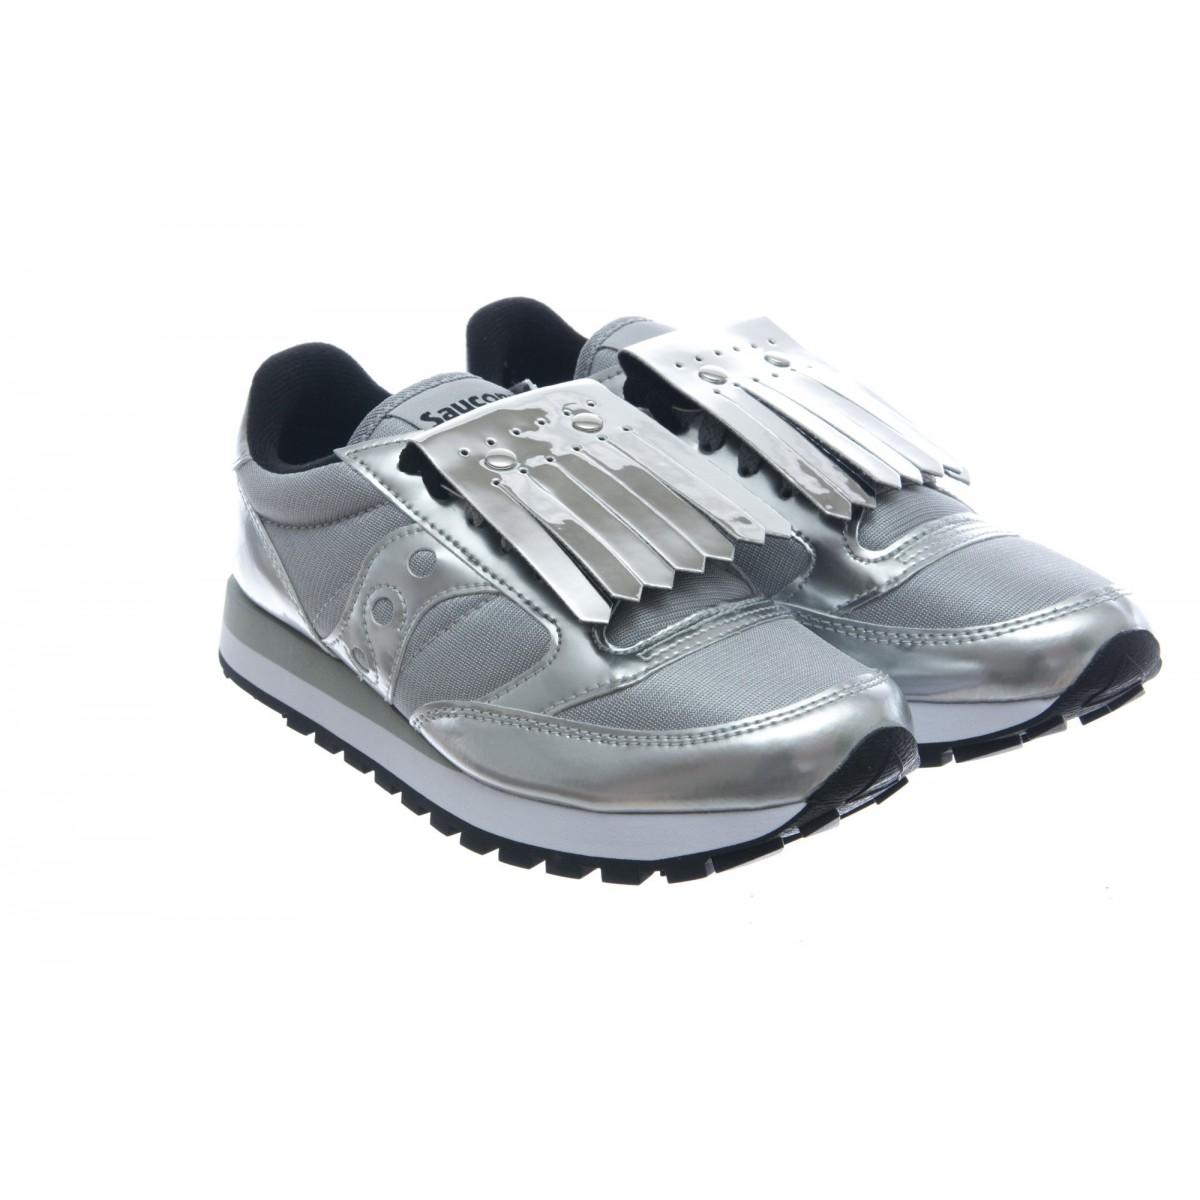 Scarpe - 1044 461 silver